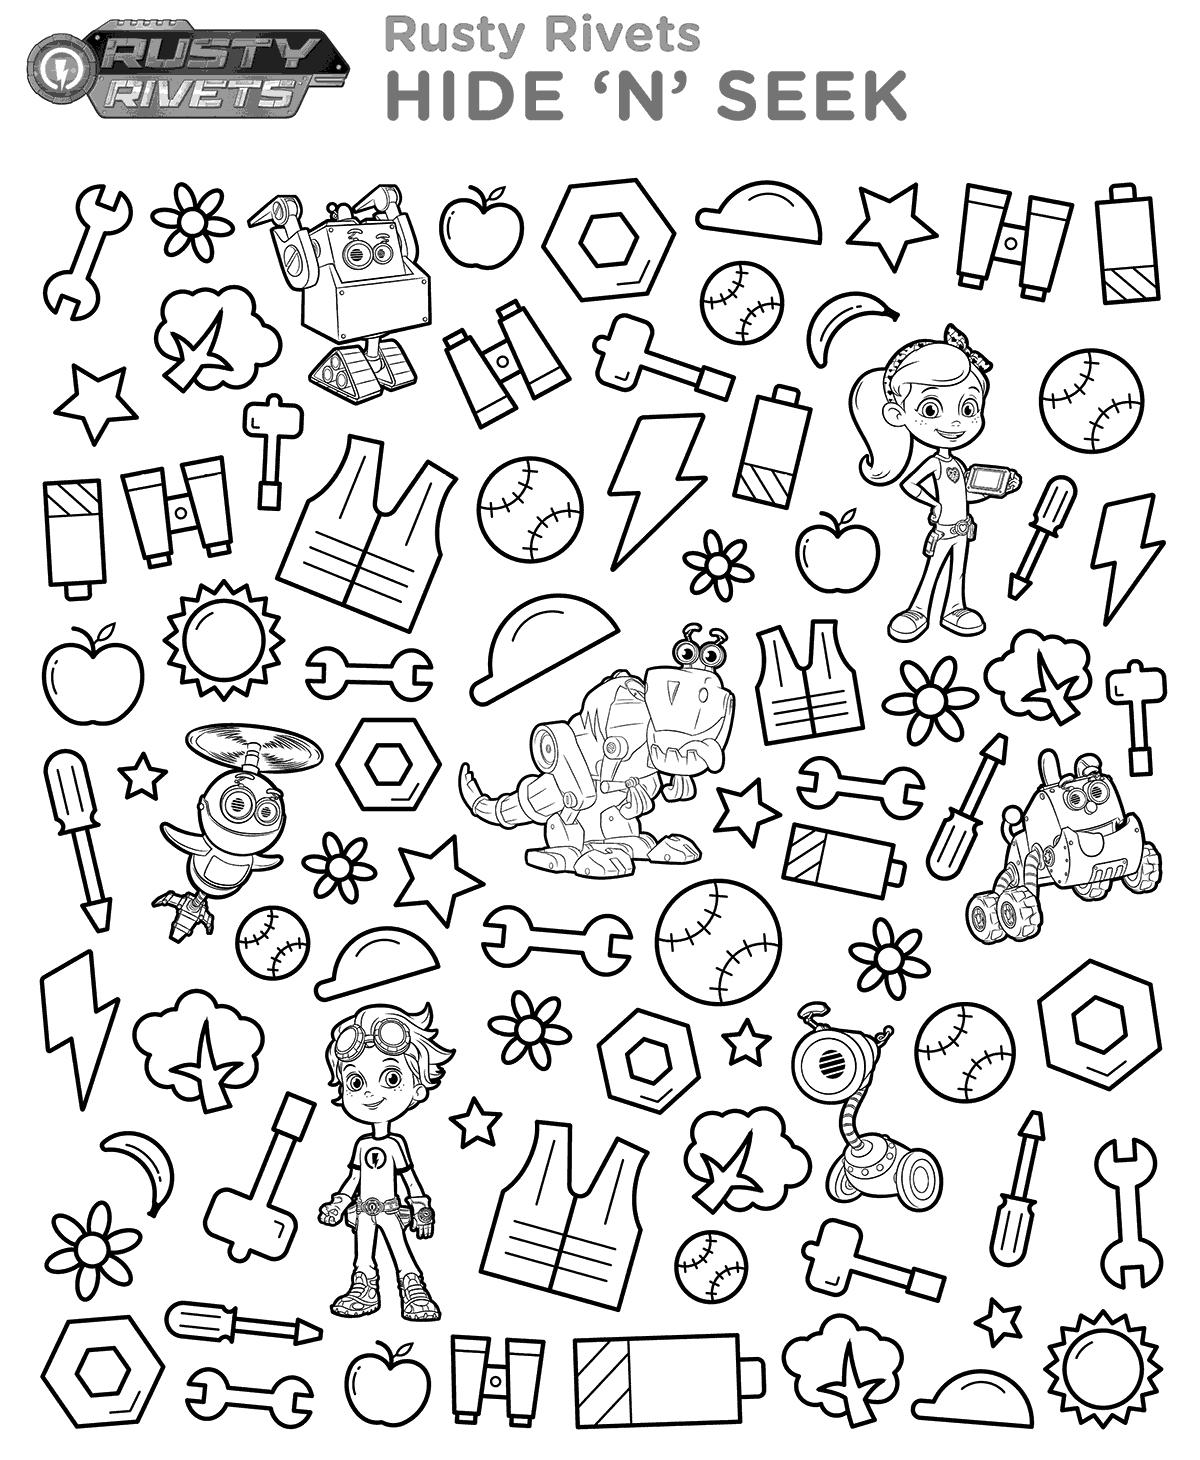 Nick jr rusty rivets hide n seek printable coloring page kids